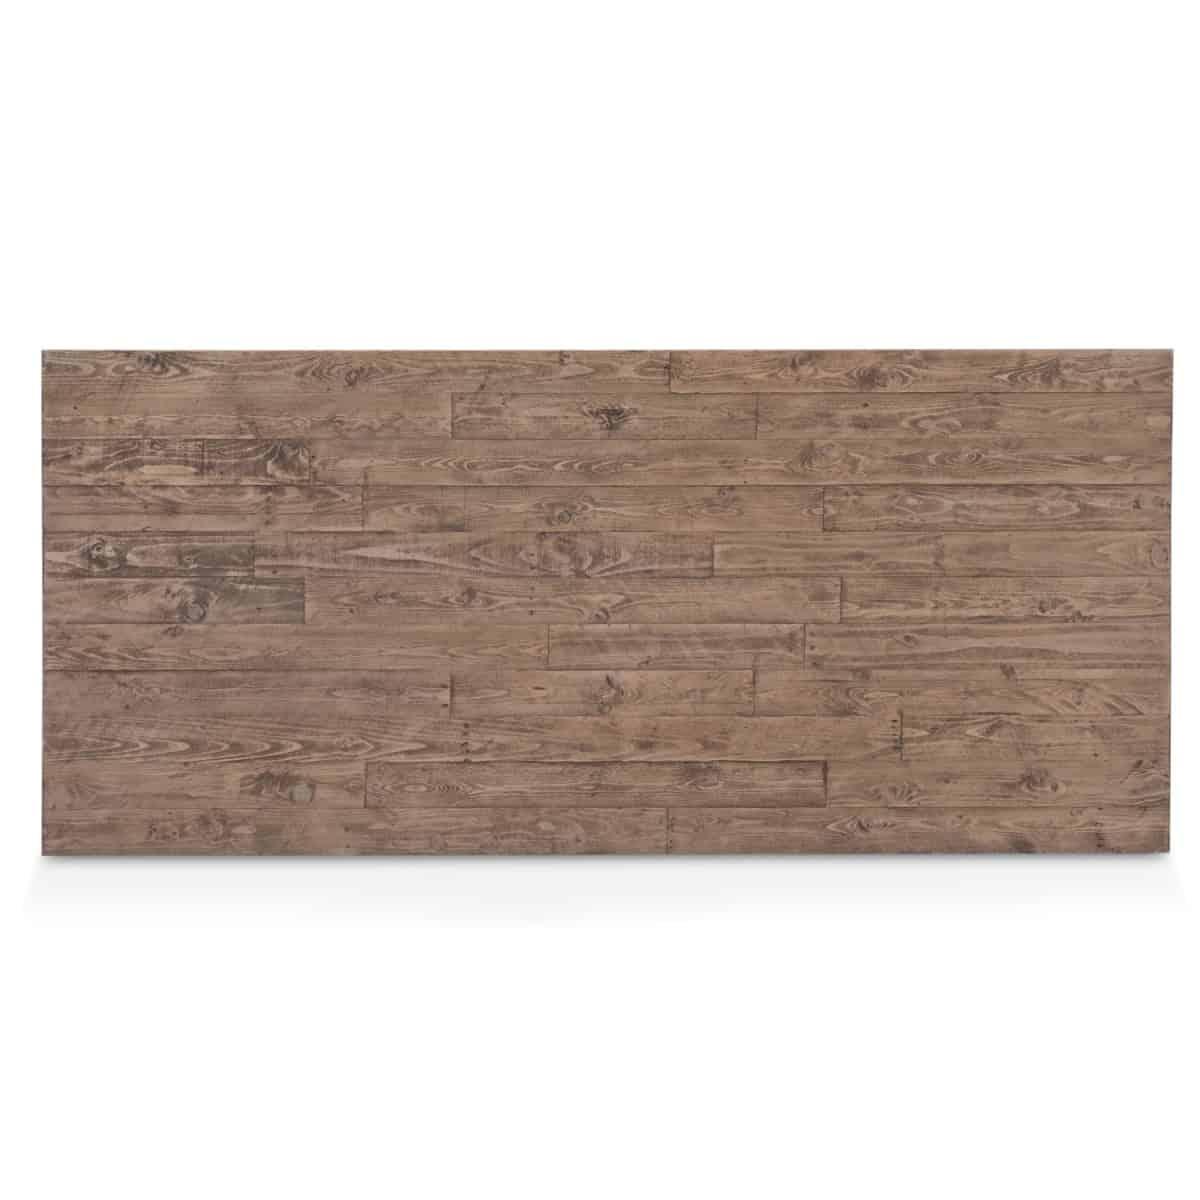 Table à manger Bois Métal Marron 180x90x76cm